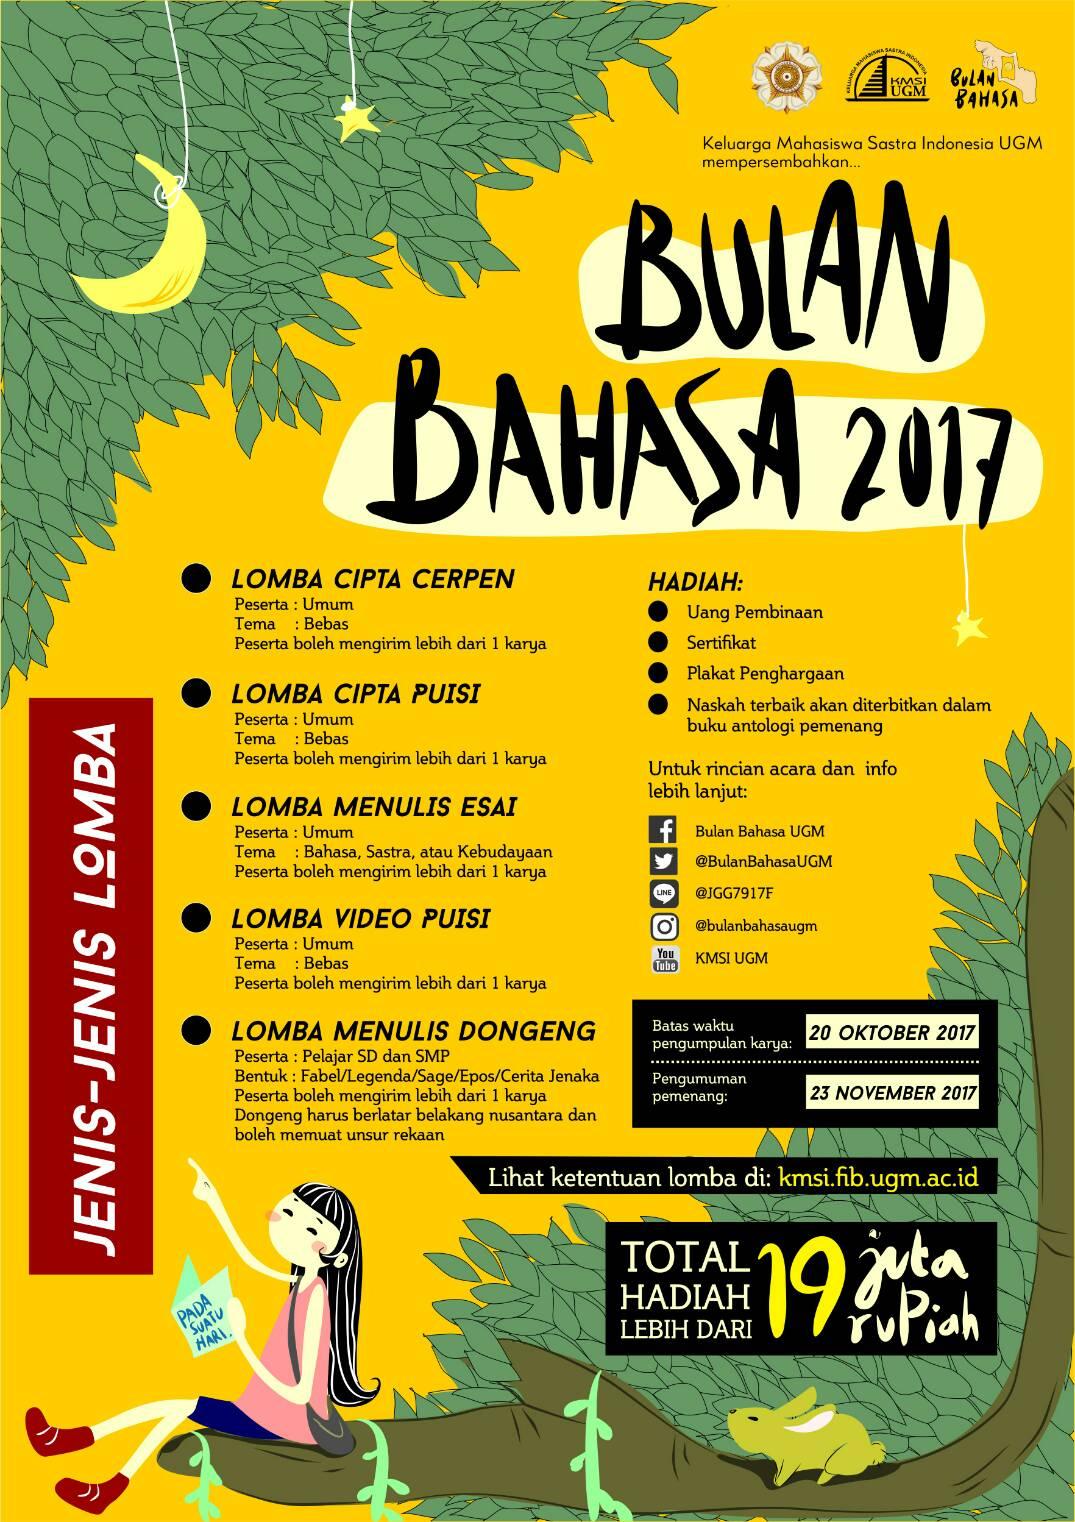 Lomba Menulis Dongeng Bulan Bahasa 2017 | Univ. Gadjah Mada | SD - SMP